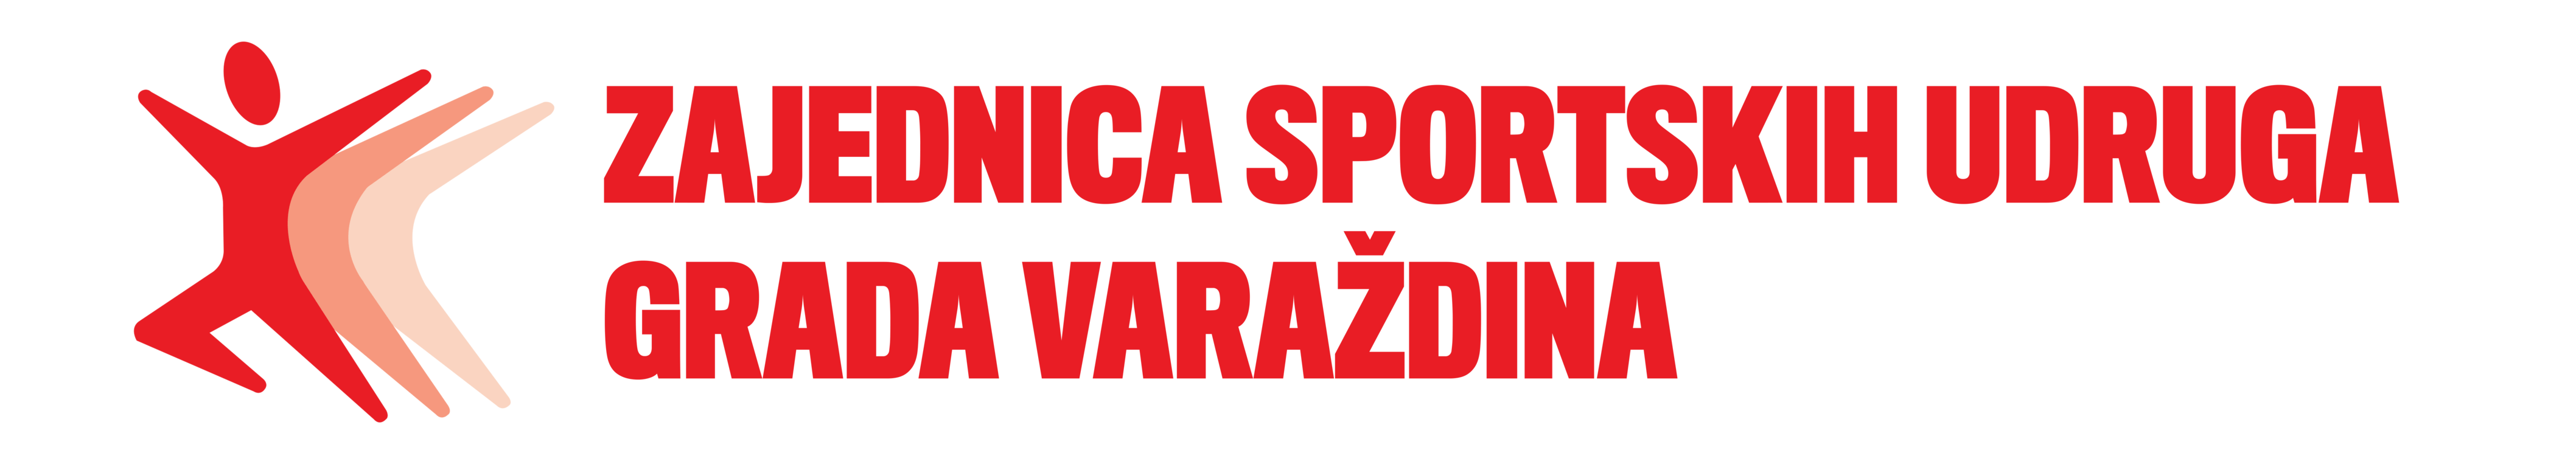 Zajednica sportskih udruga grada Varaždina